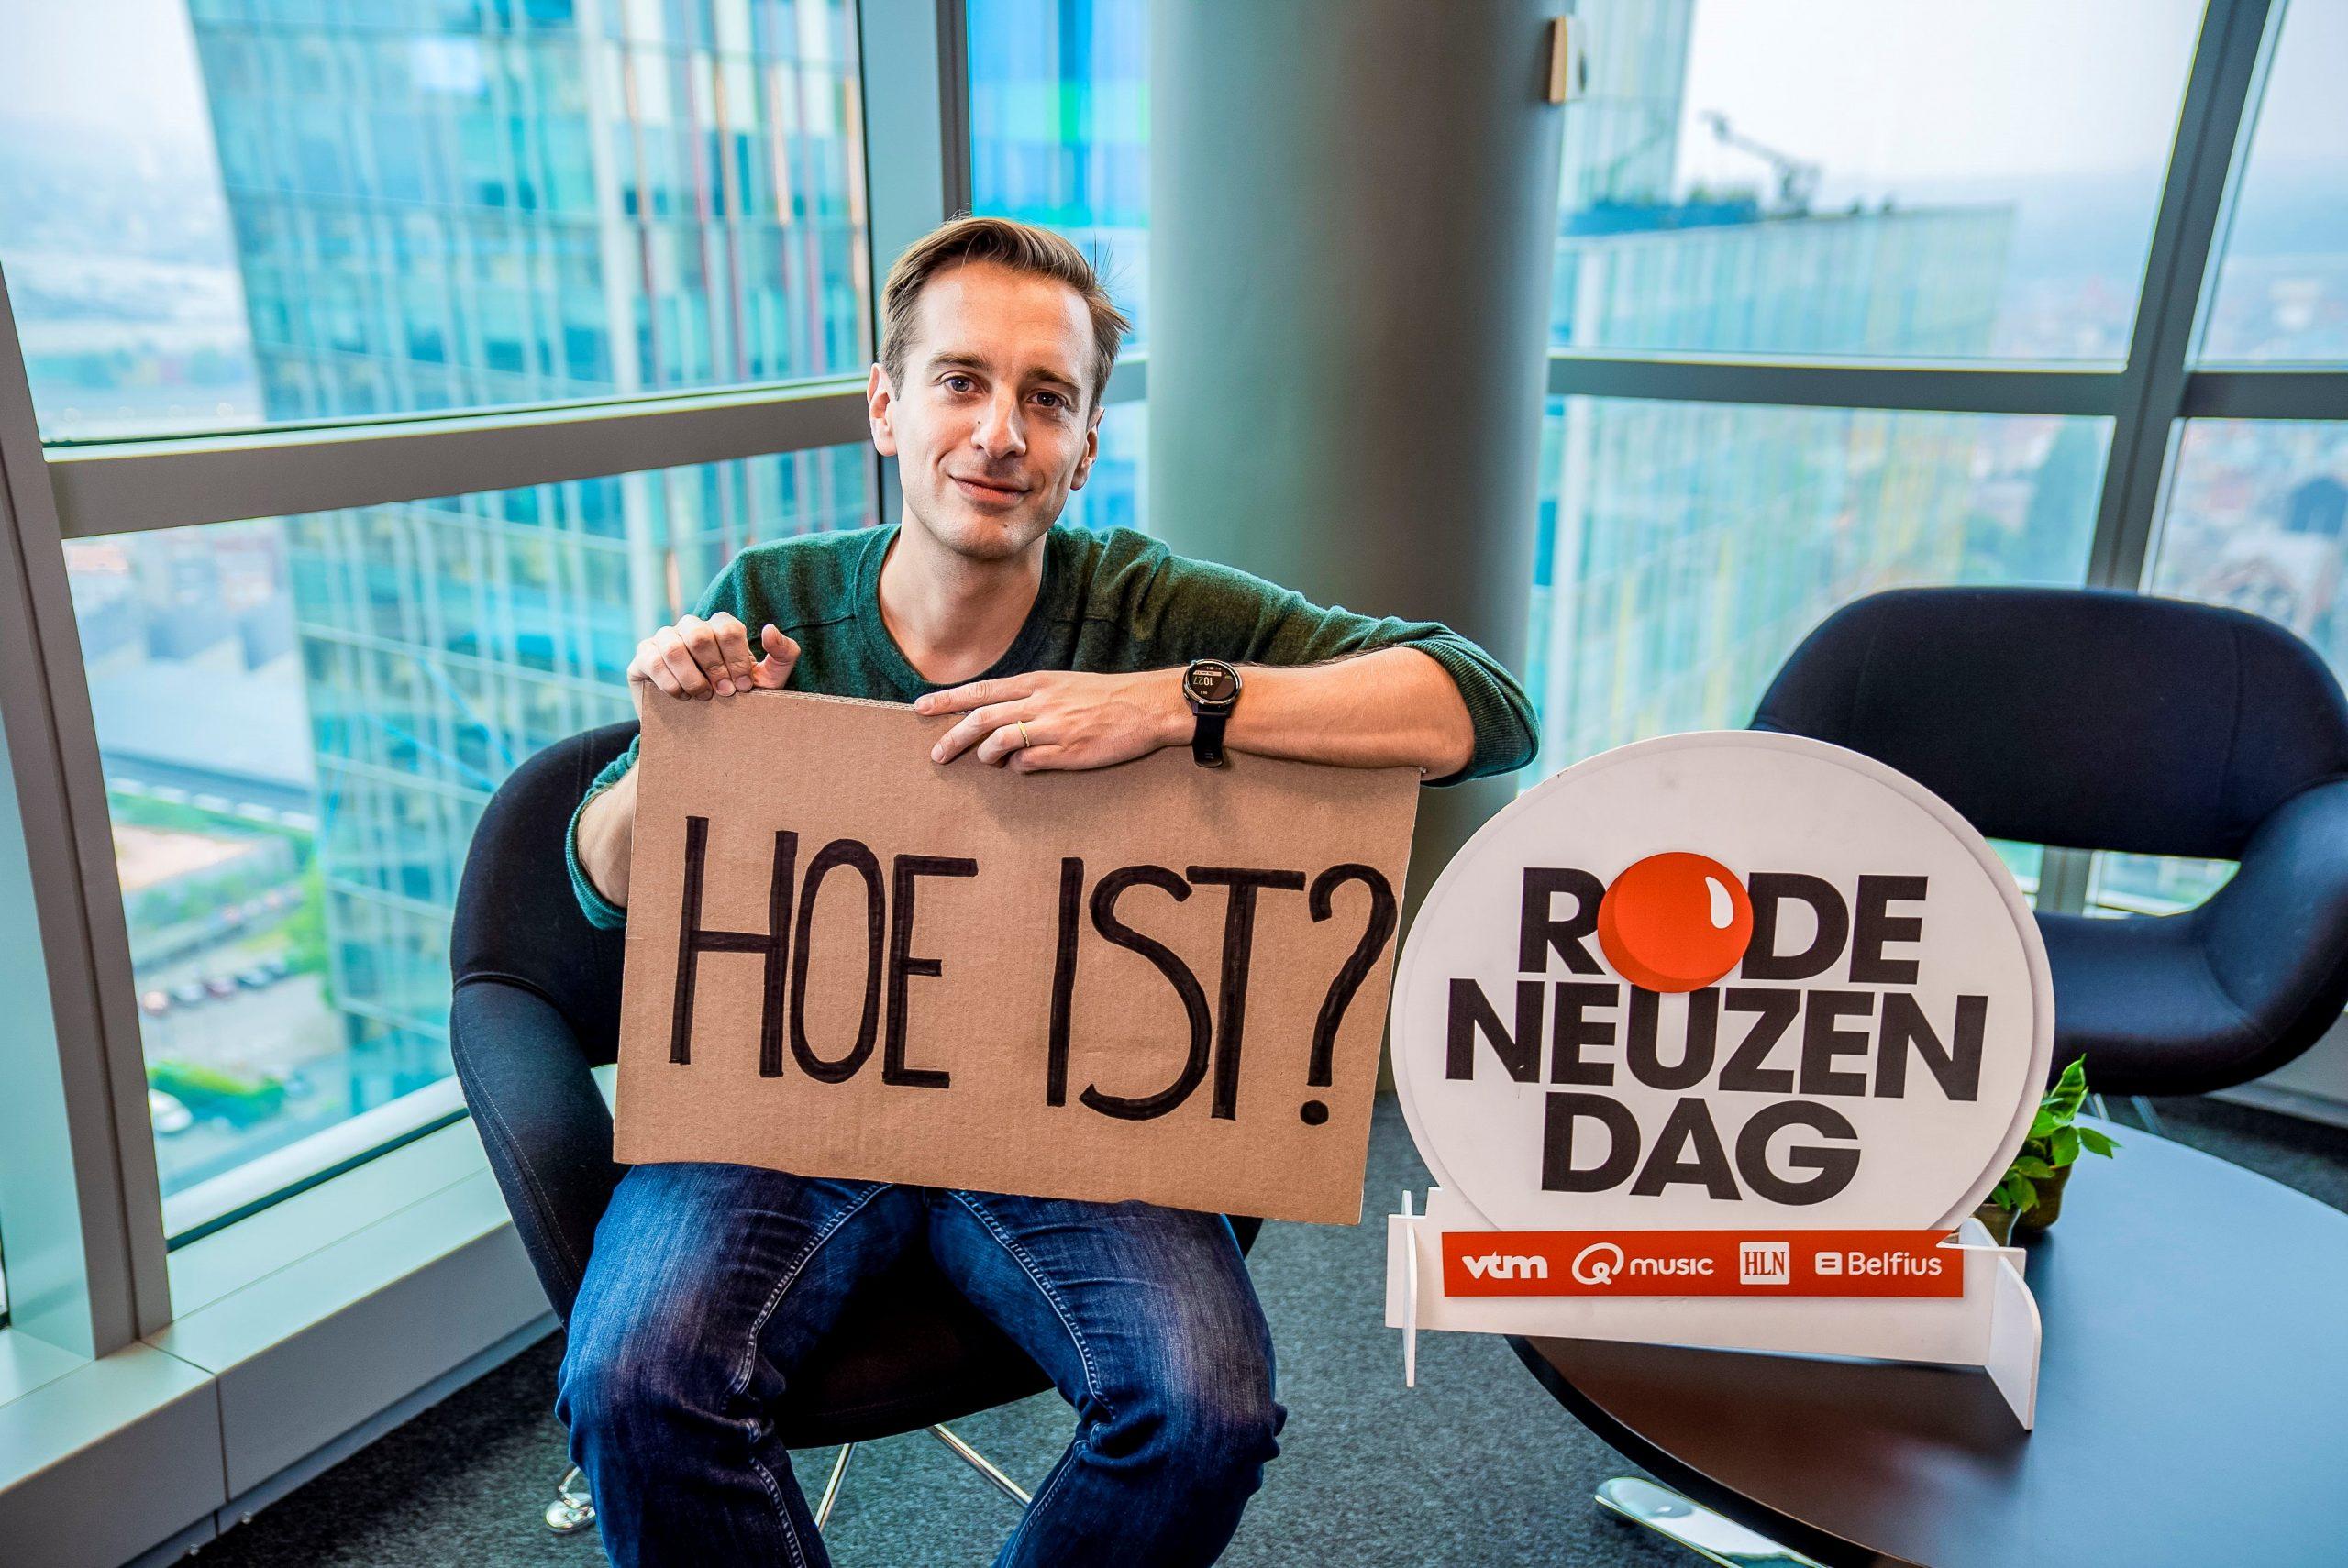 Wouter Beke gaat live in dialoog met jongeren - Sam De Bruyn Rode Neuzen scaled